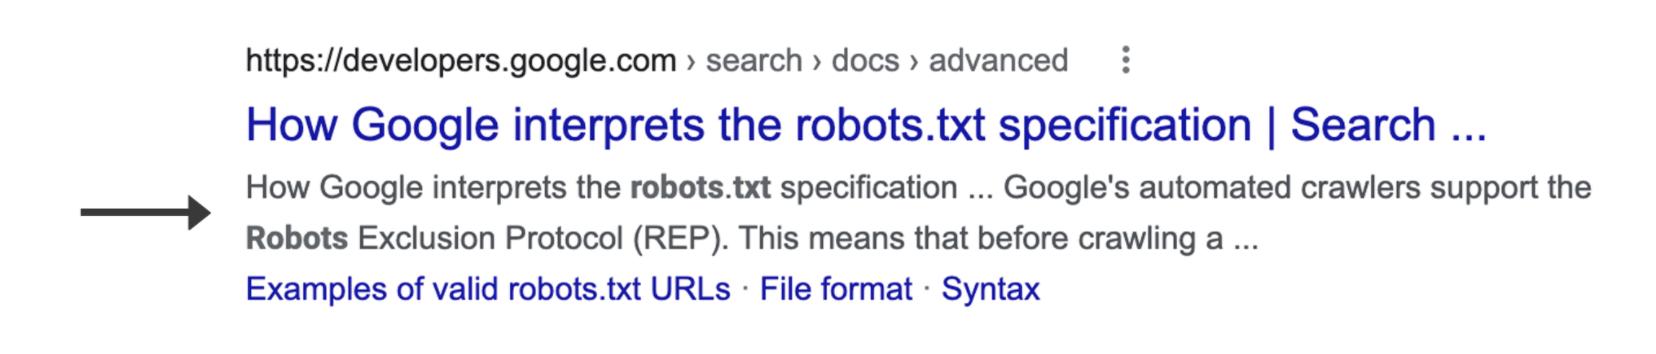 Screenshot eines einzelnen Google Suchergebnisses die Description Markiert ist, der Teil den Google selbst als das Snippet definiert.